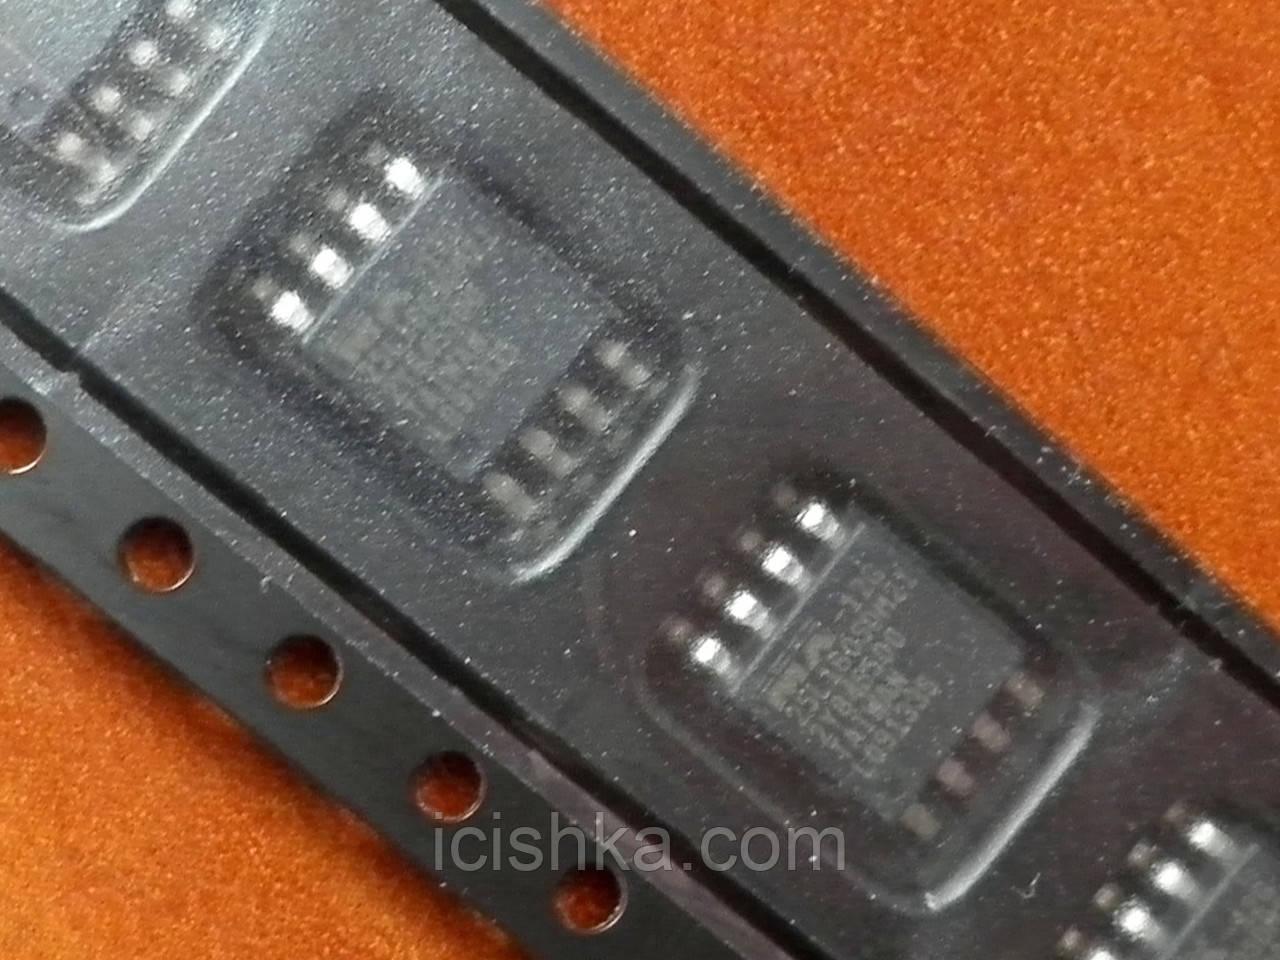 MX25L1605DM2I-12G / MX25L1605 VSOP8 - 2Mb Serial CMOS Flash